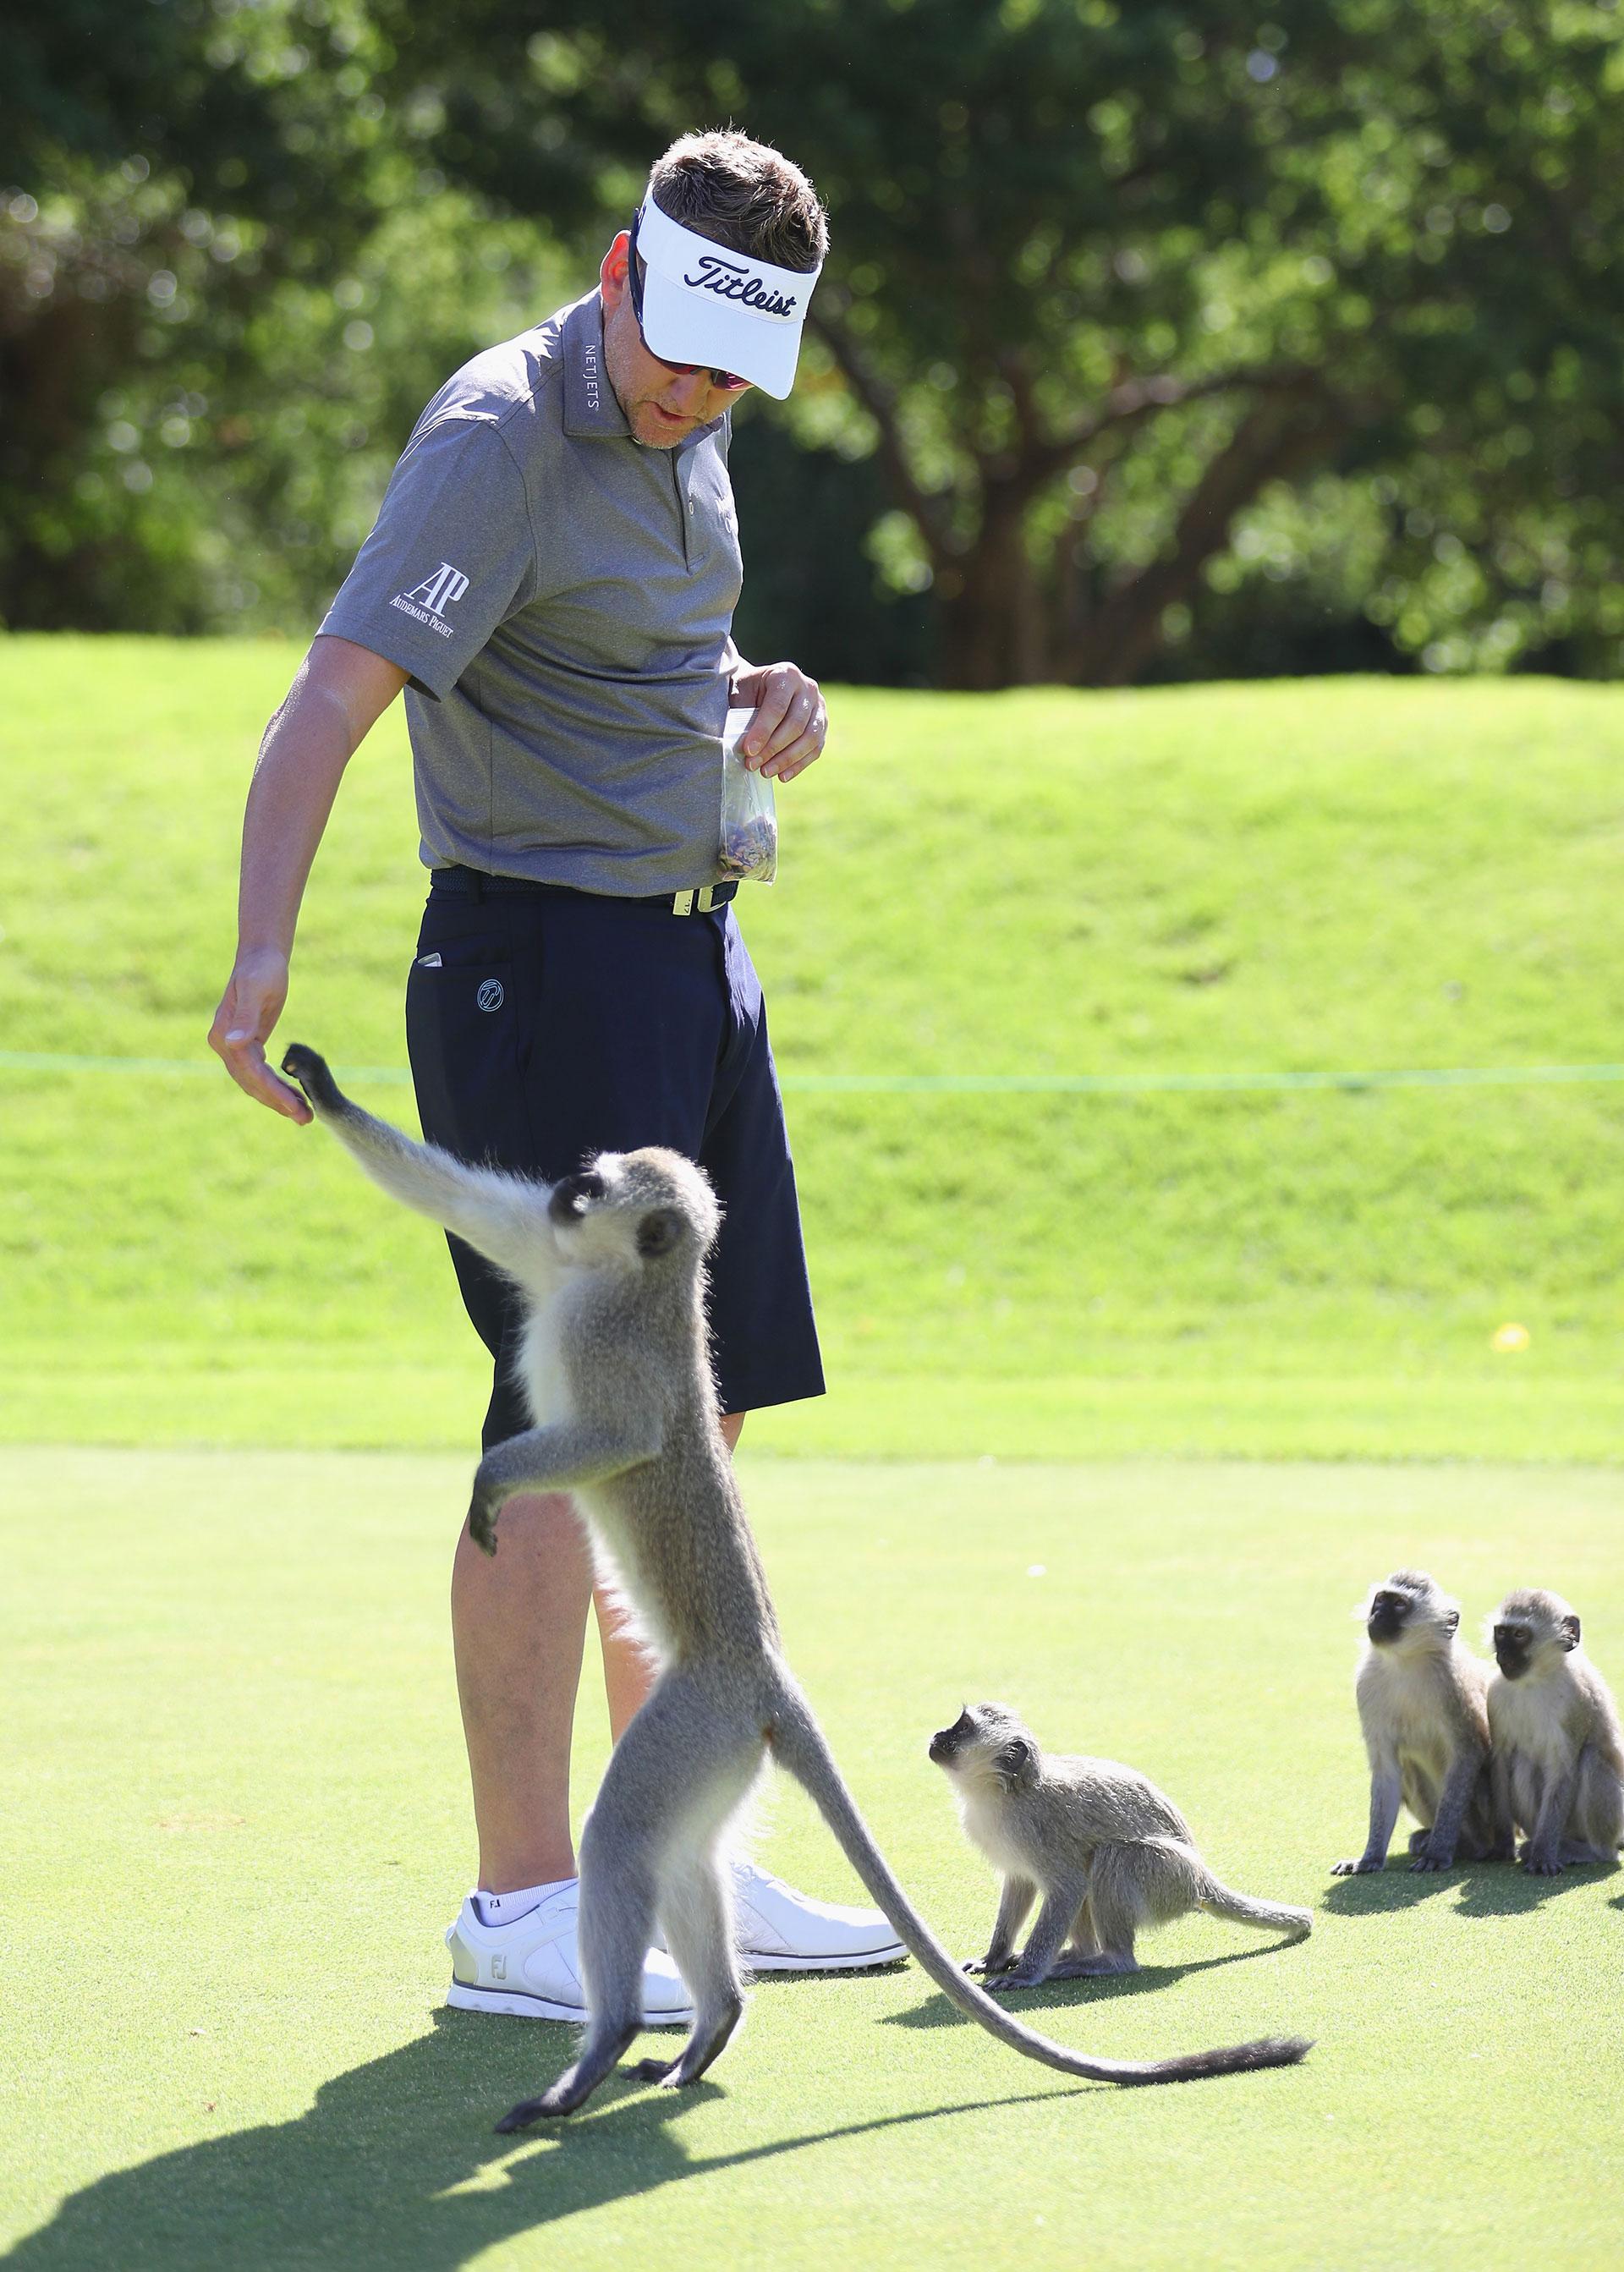 Este año, el británico Ian Poulter se vio rodeado de estos agradables animales